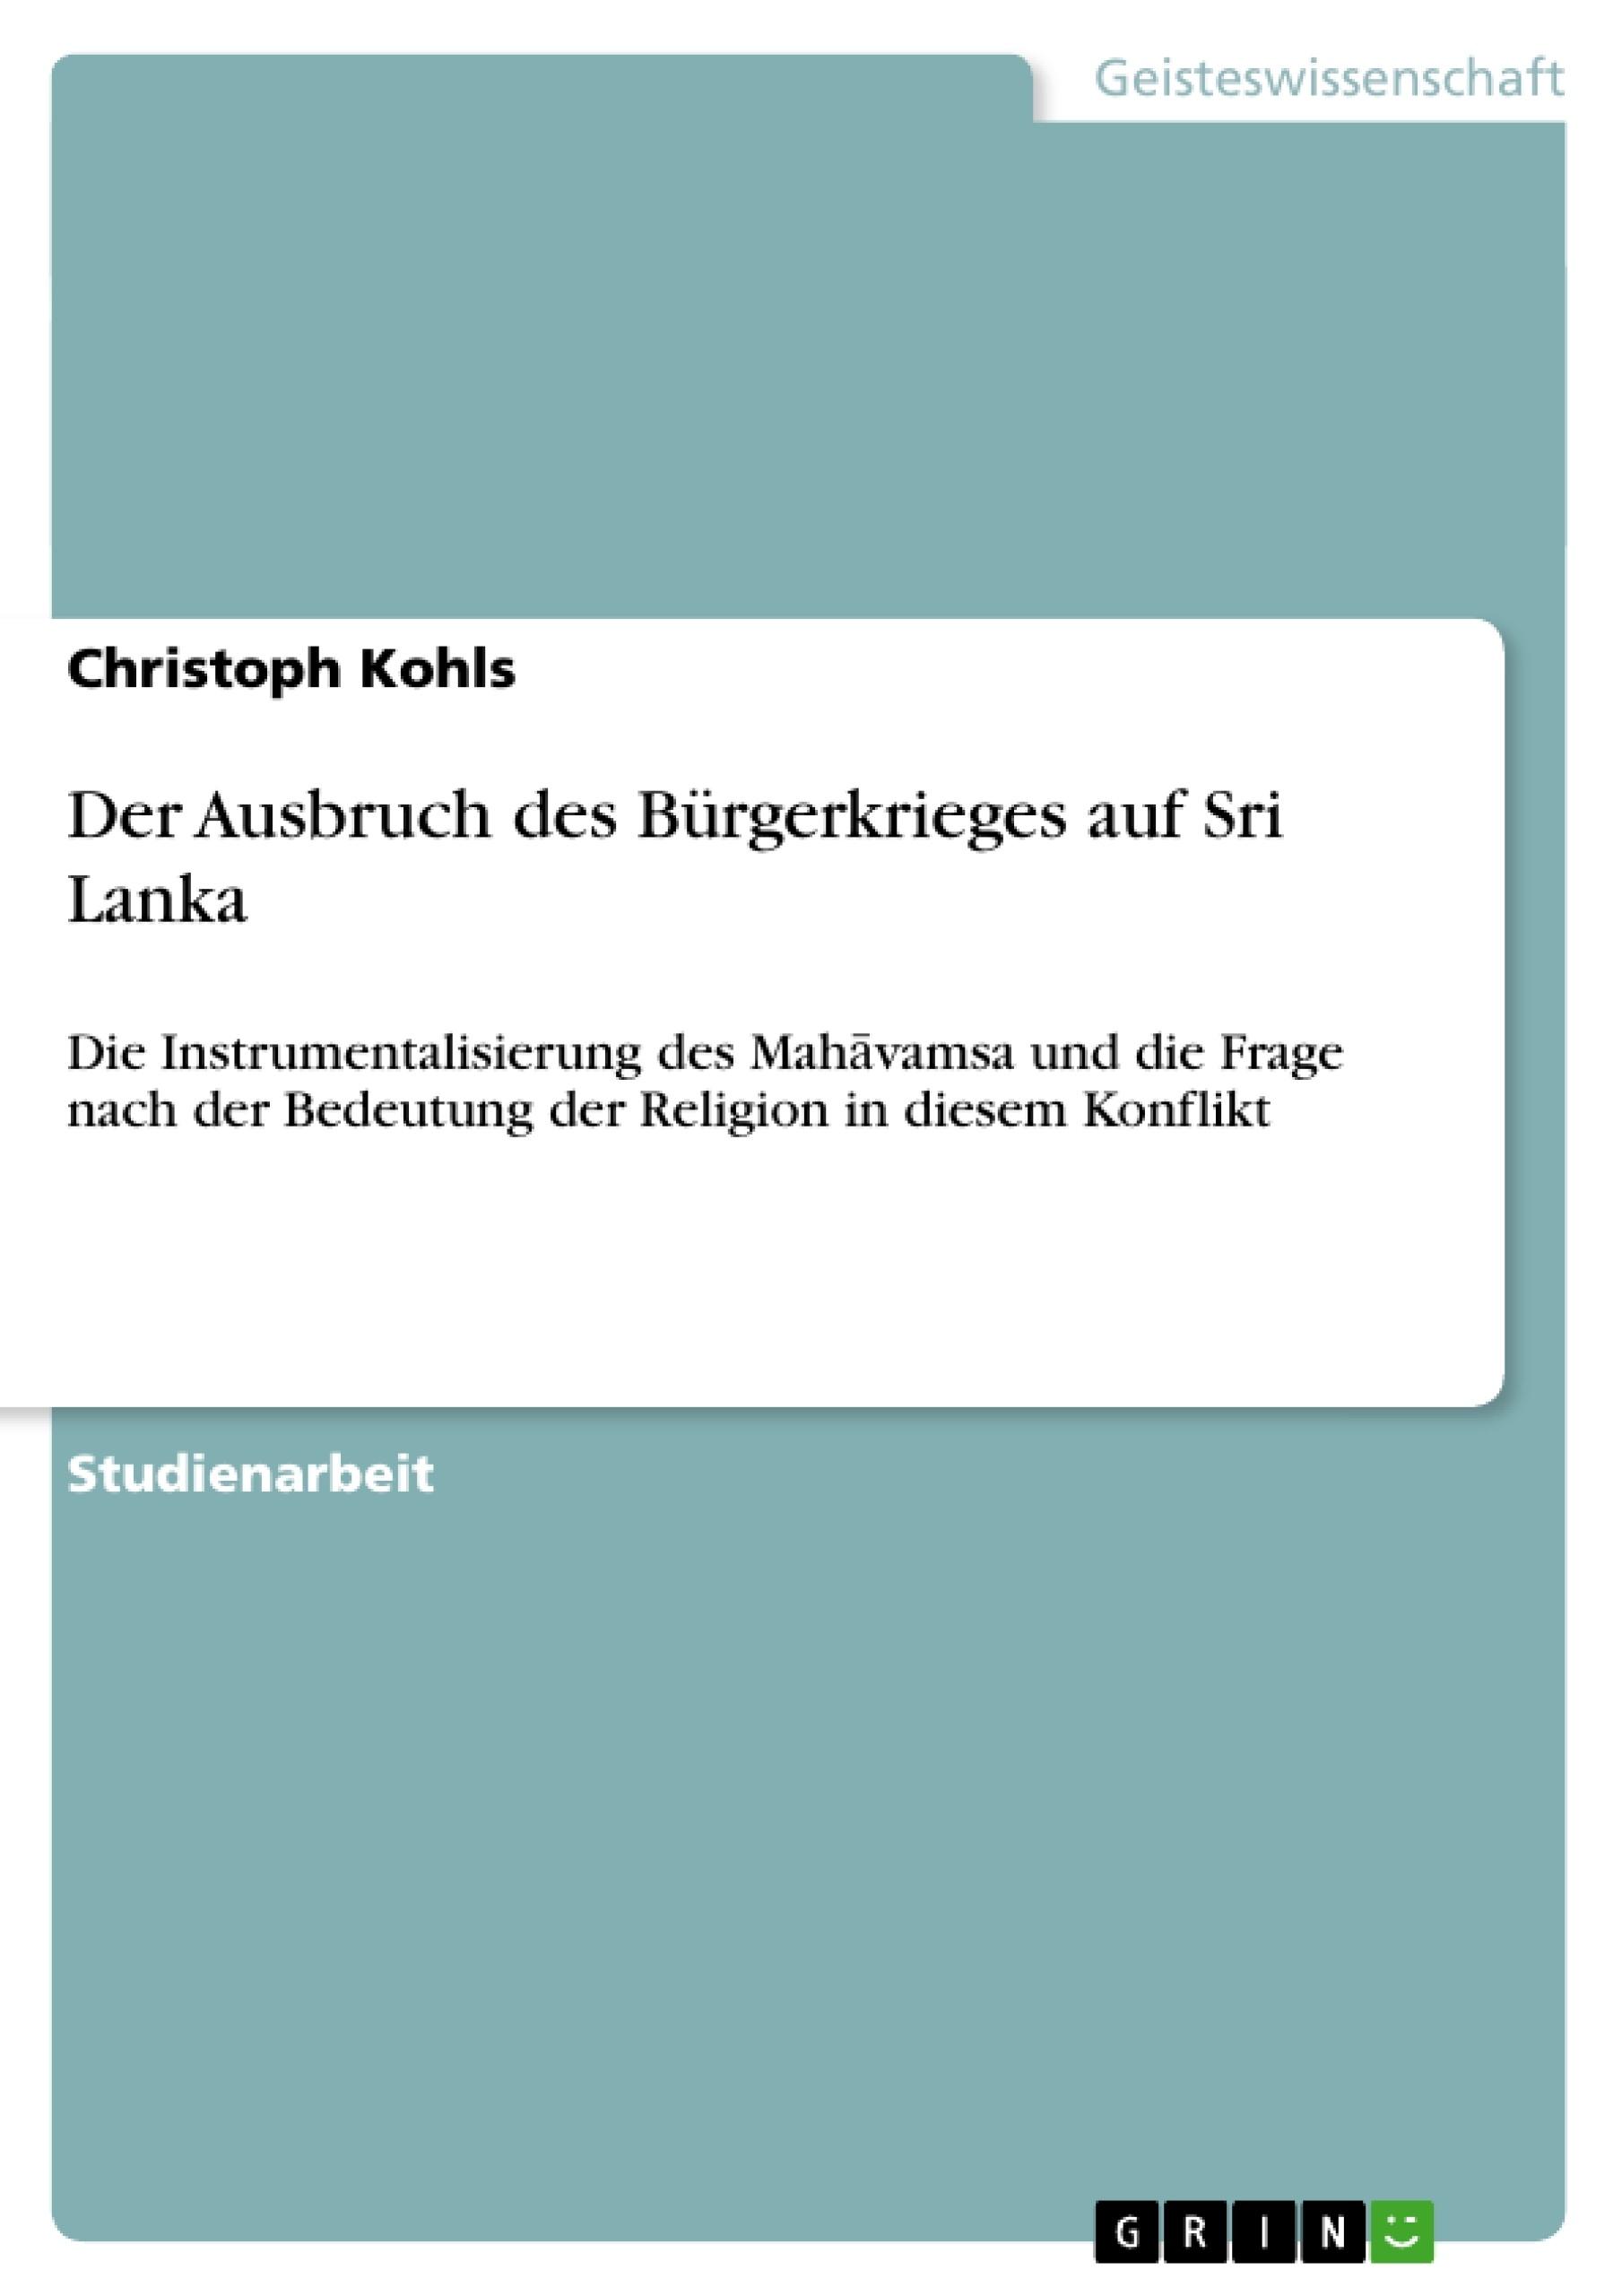 Titel: Der Ausbruch des Bürgerkrieges auf Sri Lanka